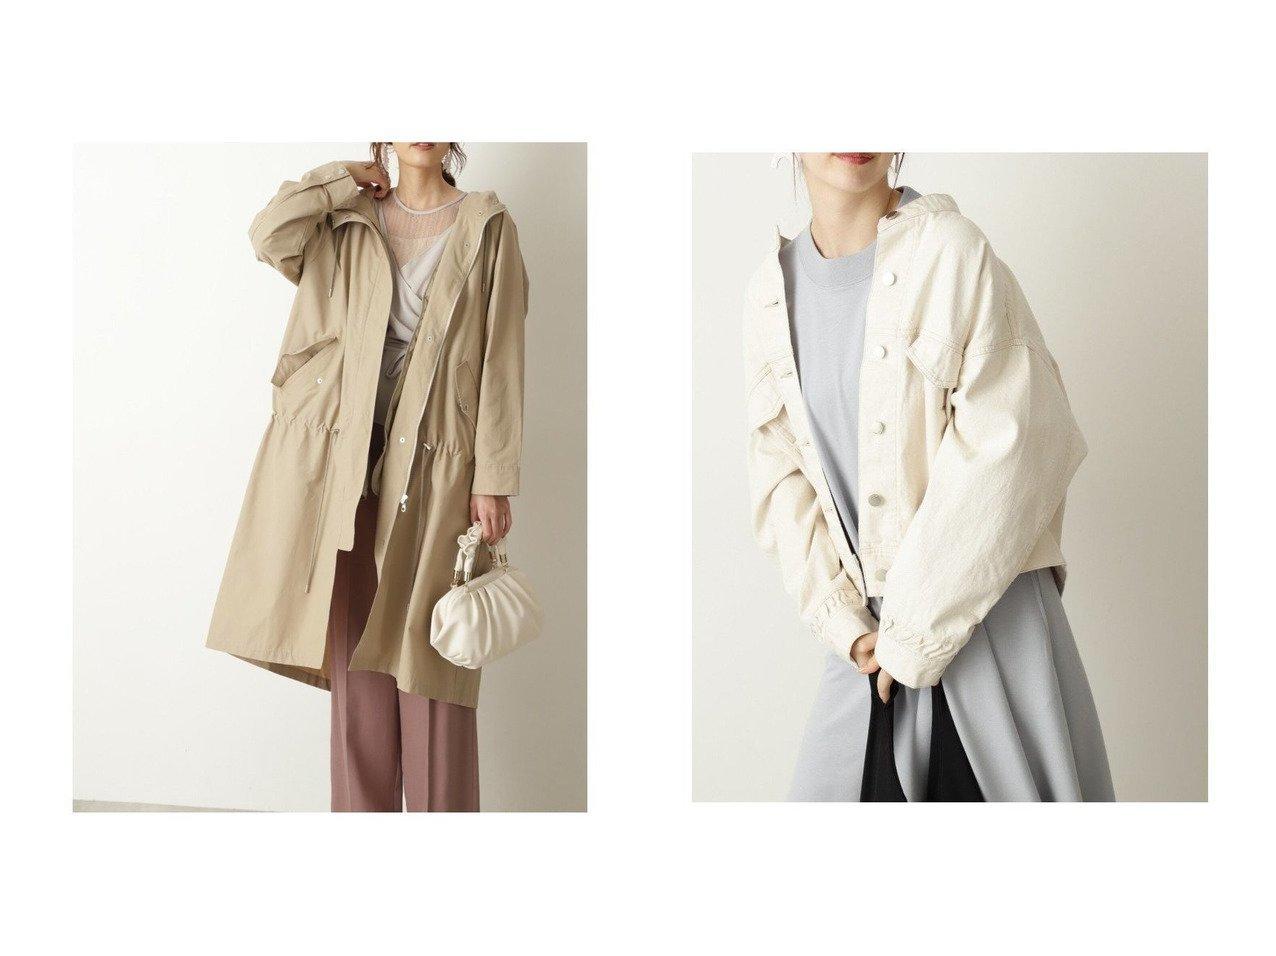 【JILLSTUART/ジルスチュアート】のサシャコート&キミージャケットブルゾン JILLSTUARTのおすすめ!人気、トレンド・レディースファッションの通販  おすすめで人気の流行・トレンド、ファッションの通販商品 メンズファッション・キッズファッション・インテリア・家具・レディースファッション・服の通販 founy(ファニー) https://founy.com/ ファッション Fashion レディースファッション WOMEN アウター Coat Outerwear コート Coats ジャケット Jackets ブルゾン Blouson Jackets テーラードジャケット Tailored Jackets NEW・新作・新着・新入荷 New Arrivals ジャケット スタンダード ドロップ ビッグ フォルム ブルゾン 再入荷 Restock/Back in Stock/Re Arrival 春 Spring グログラン モッズコート ライナー ロング |ID:crp329100000017802